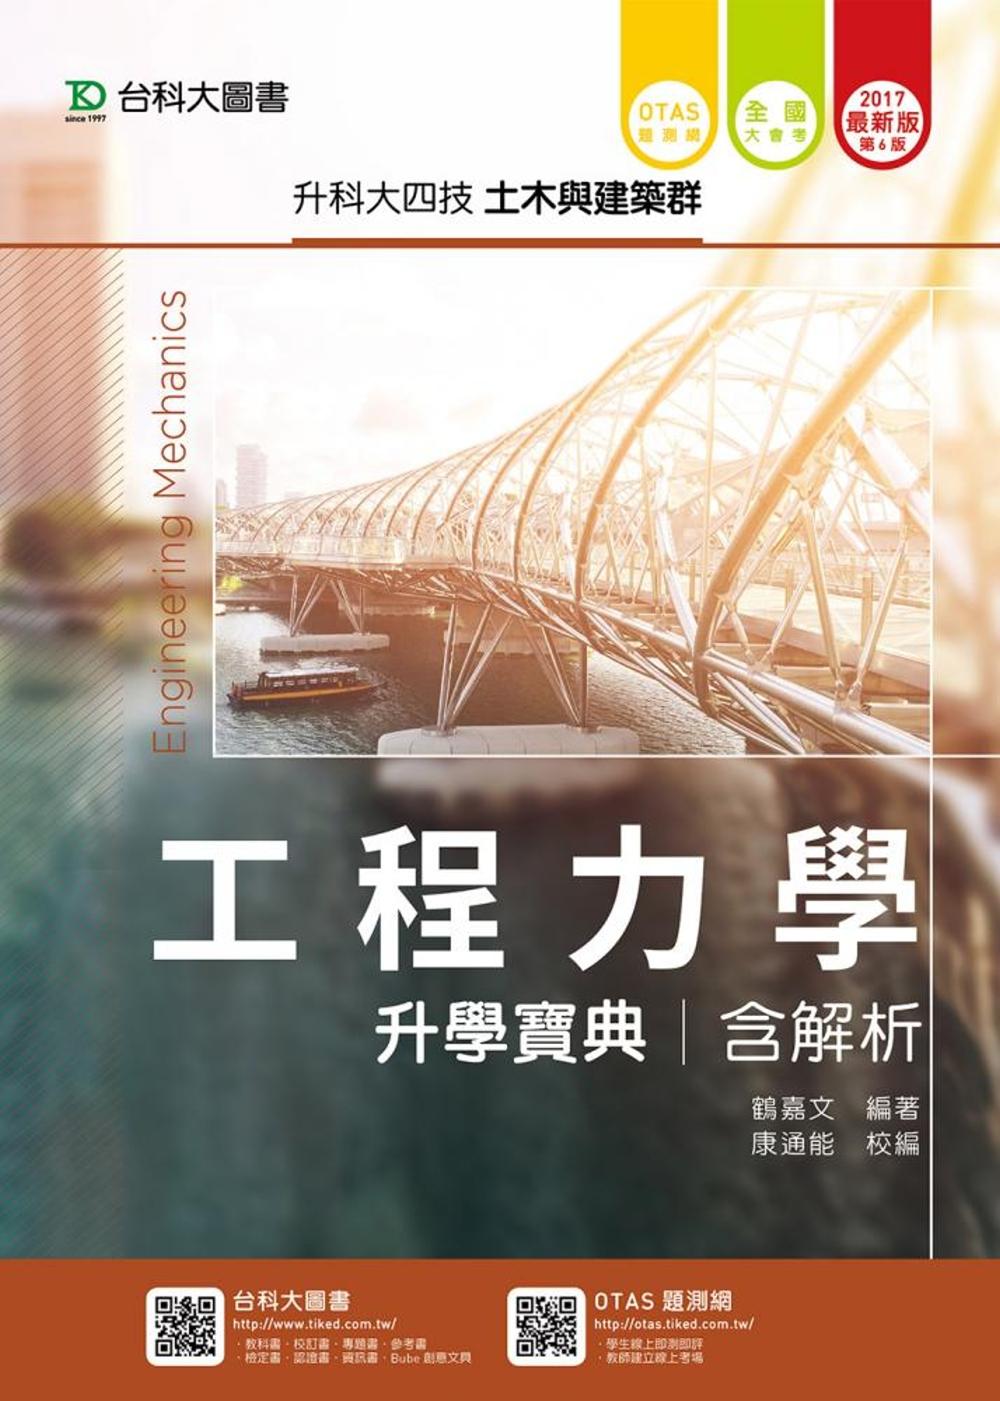 升科大四技土木與建築群工程力學升學寶典含解析 - 2017年最新版(第六版) - 附贈OTAS題測系統